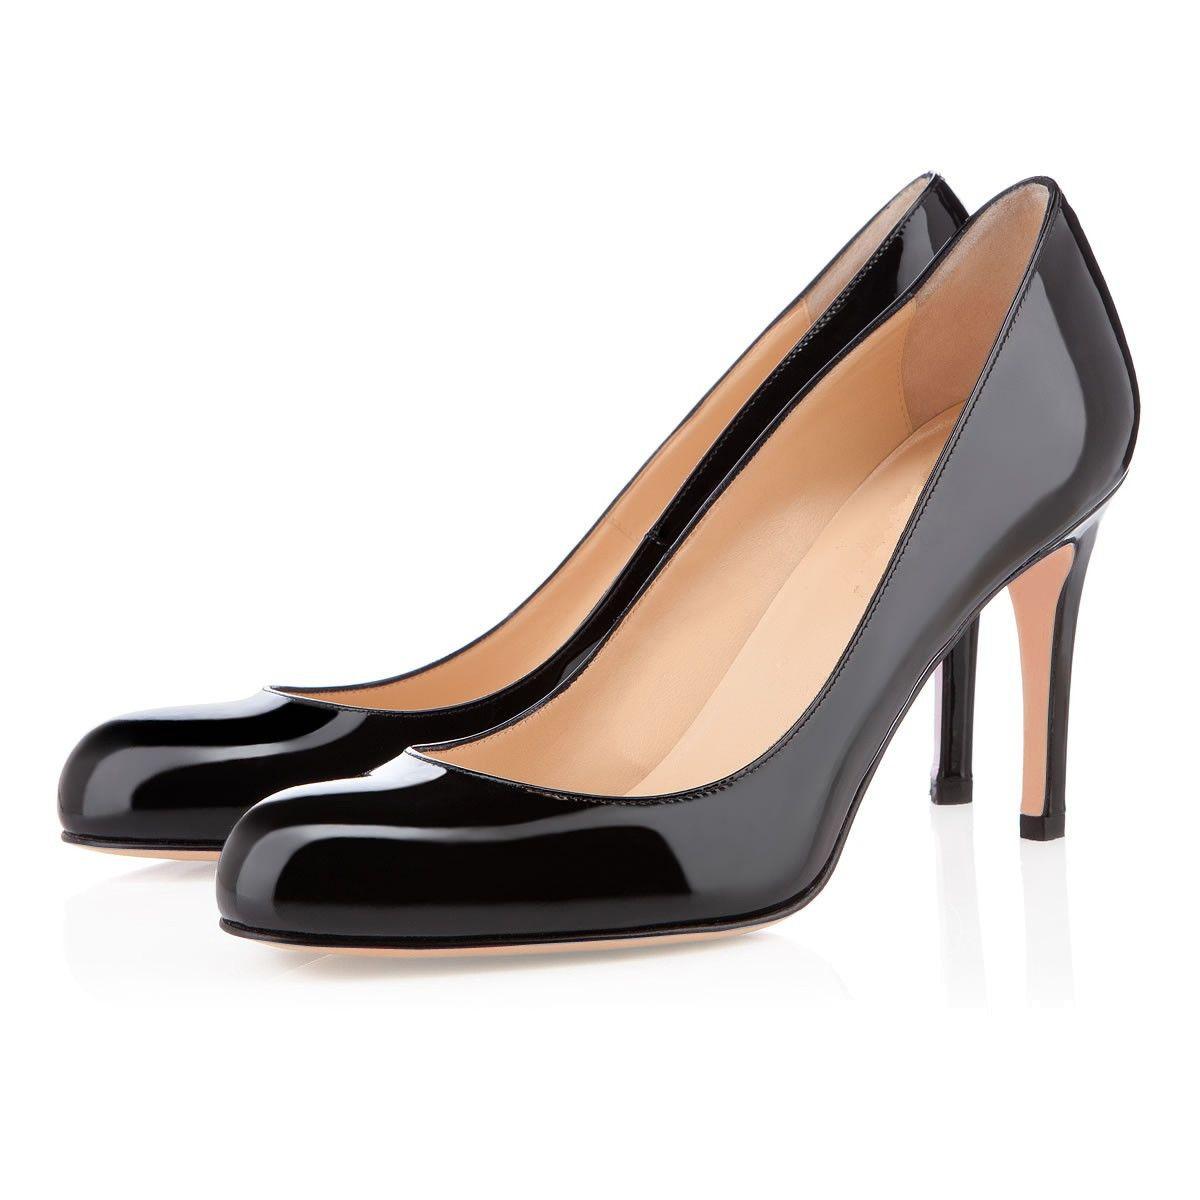 Karmran Kadınlar El Yapımı Moda Basit Pompalar 85mm Kapalı Toe Yüksek Topuk Balo Abiye Ayakkabı Siyah Z626